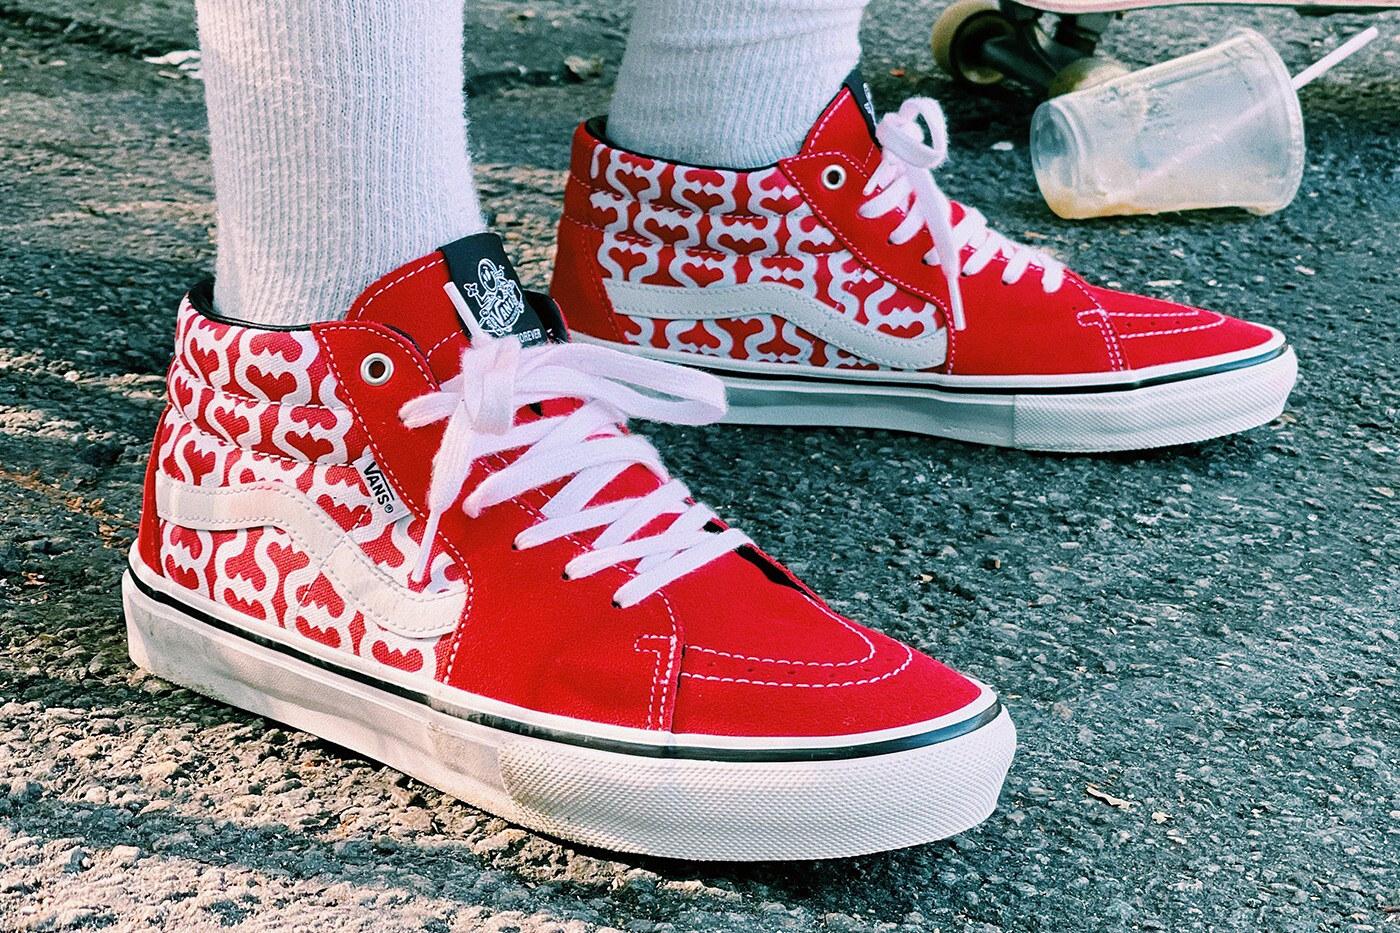 Supreme x Vans Spring/Summer 2021 Skate Grosso Mid